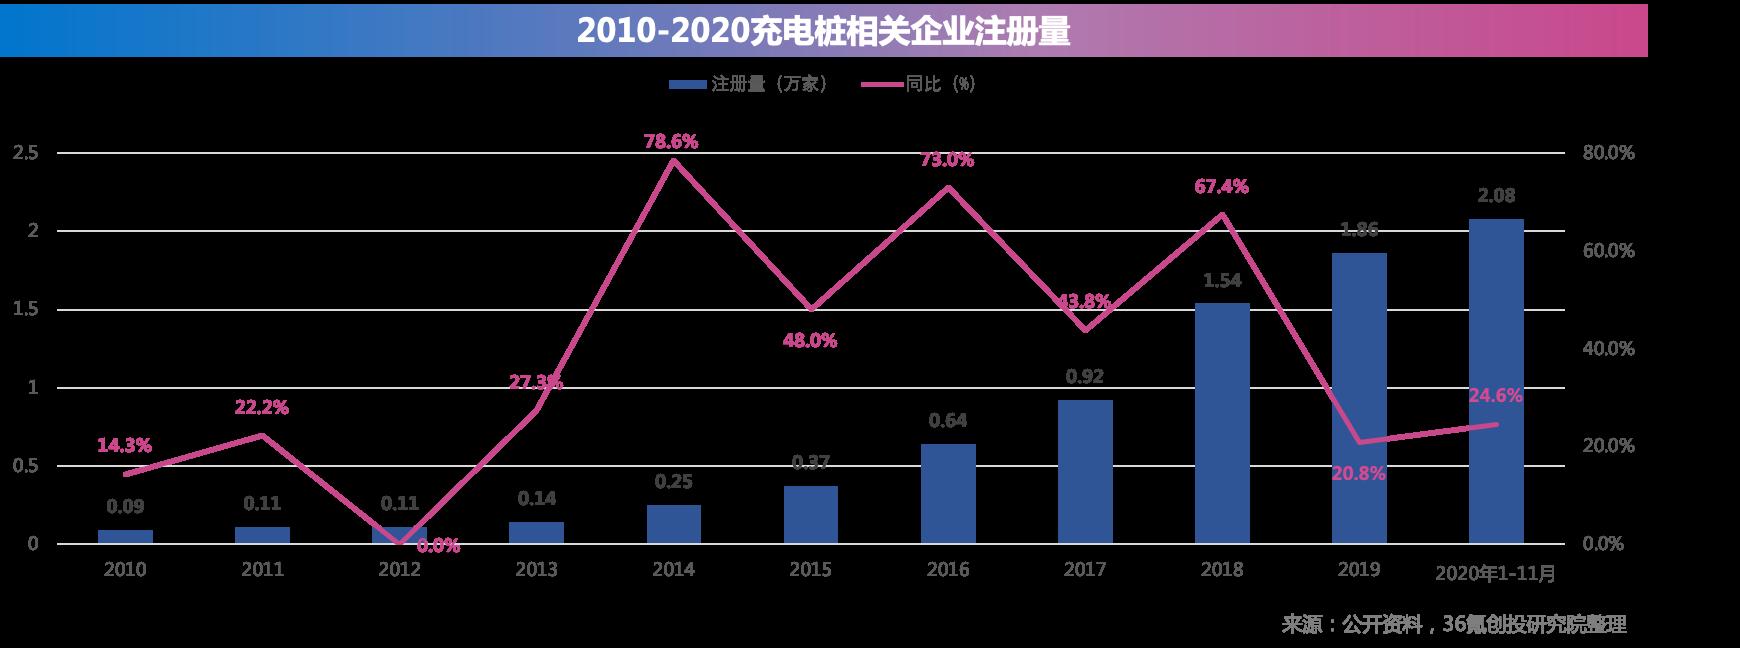 重磅!36氪中国新基建之王「新能源充电桩领域」TOP50企业揭晓